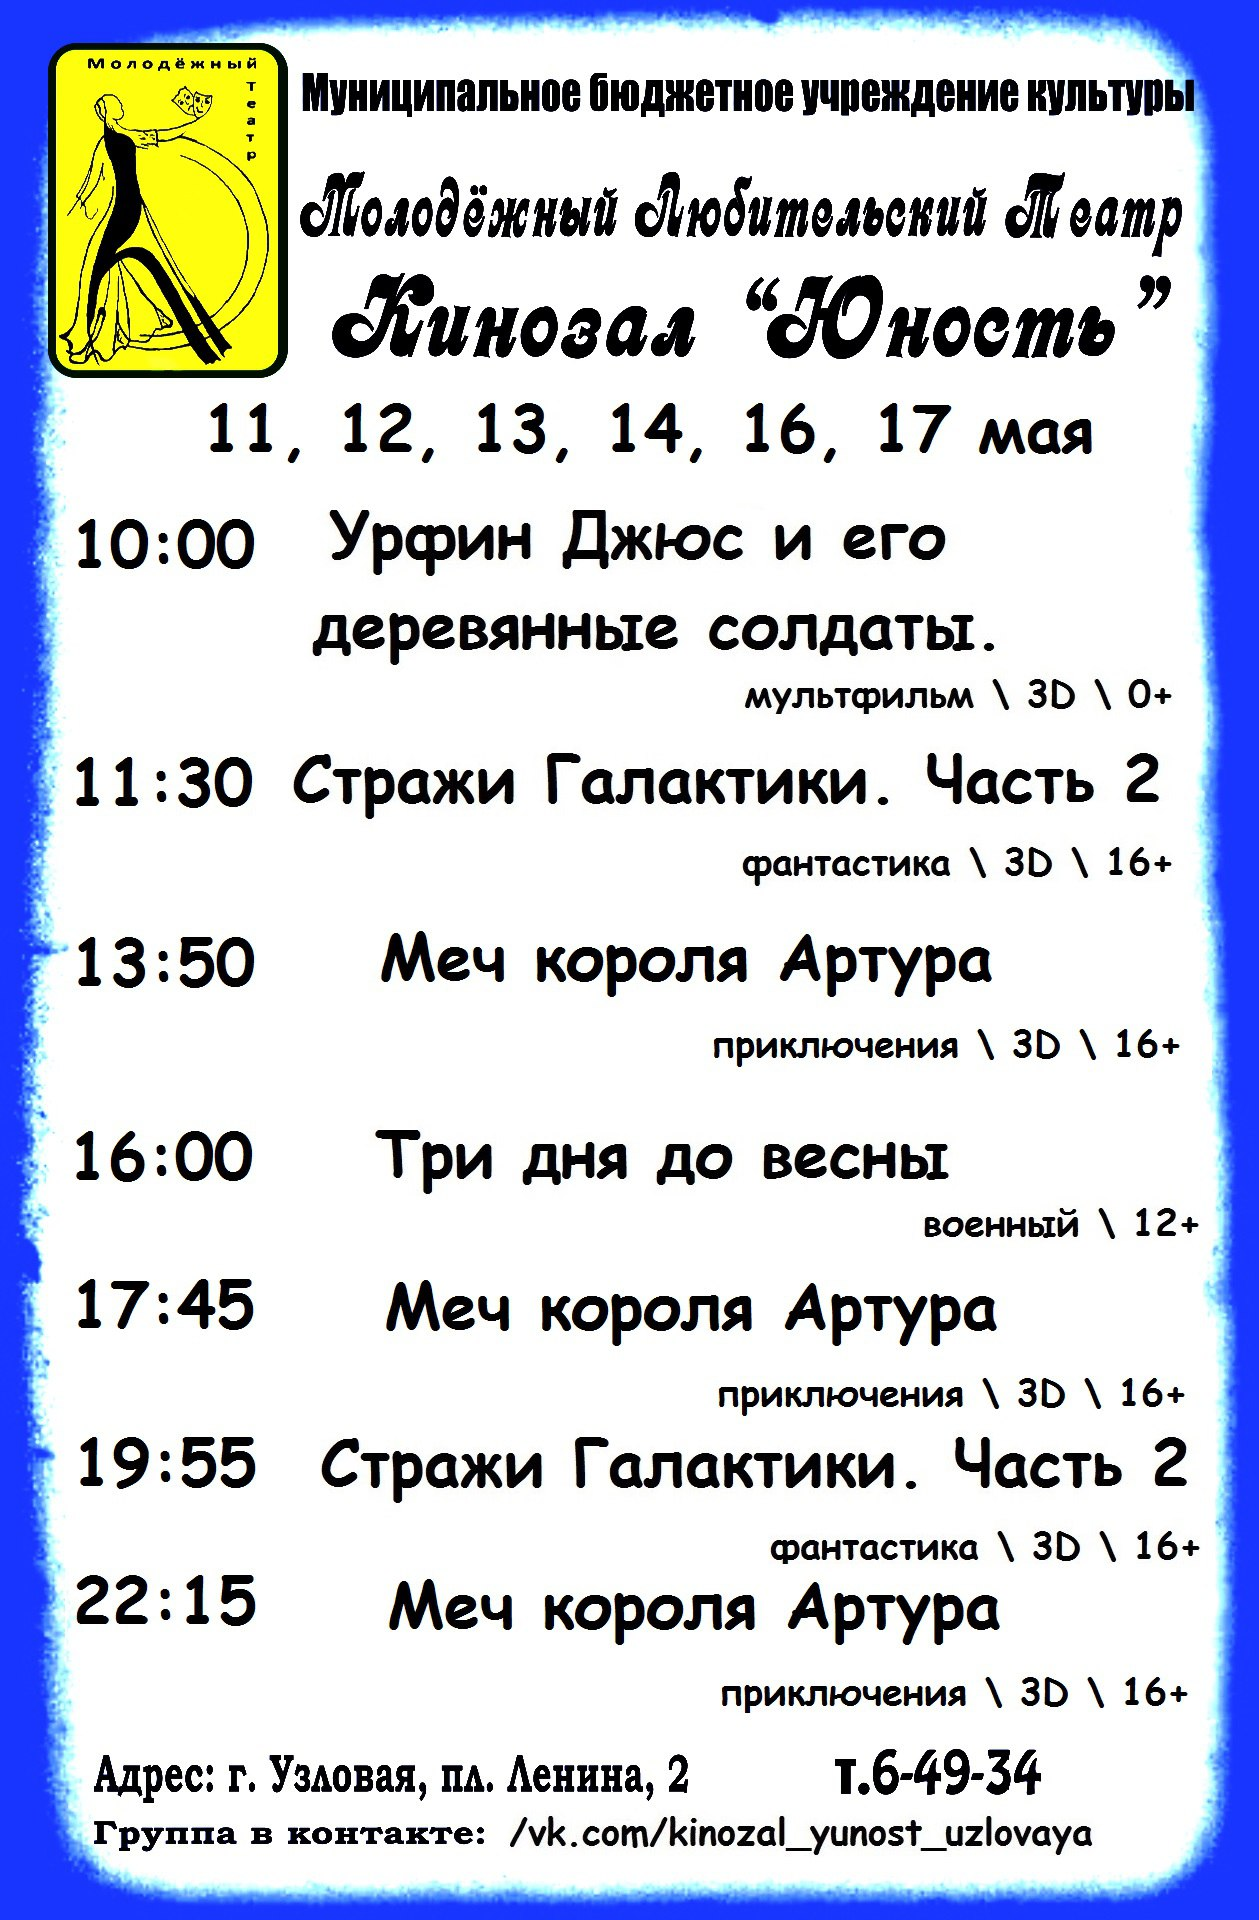 """Расписание кинозала """" Юность """" с 11 по 17 мая"""